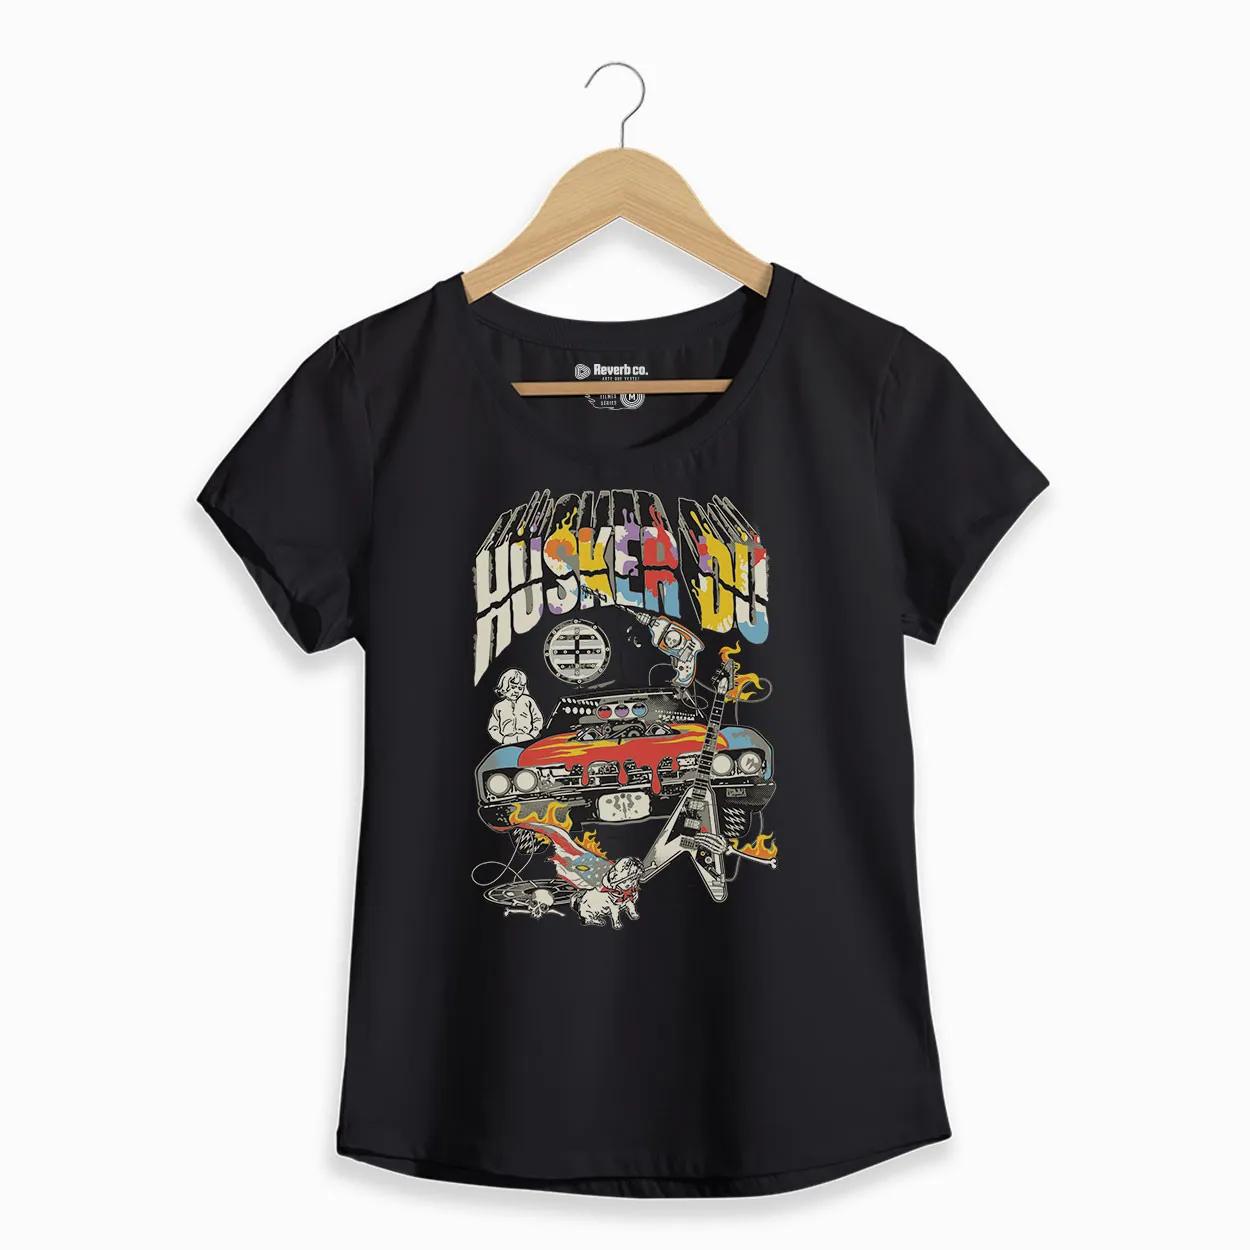 Camiseta - Husker Du - Feminino